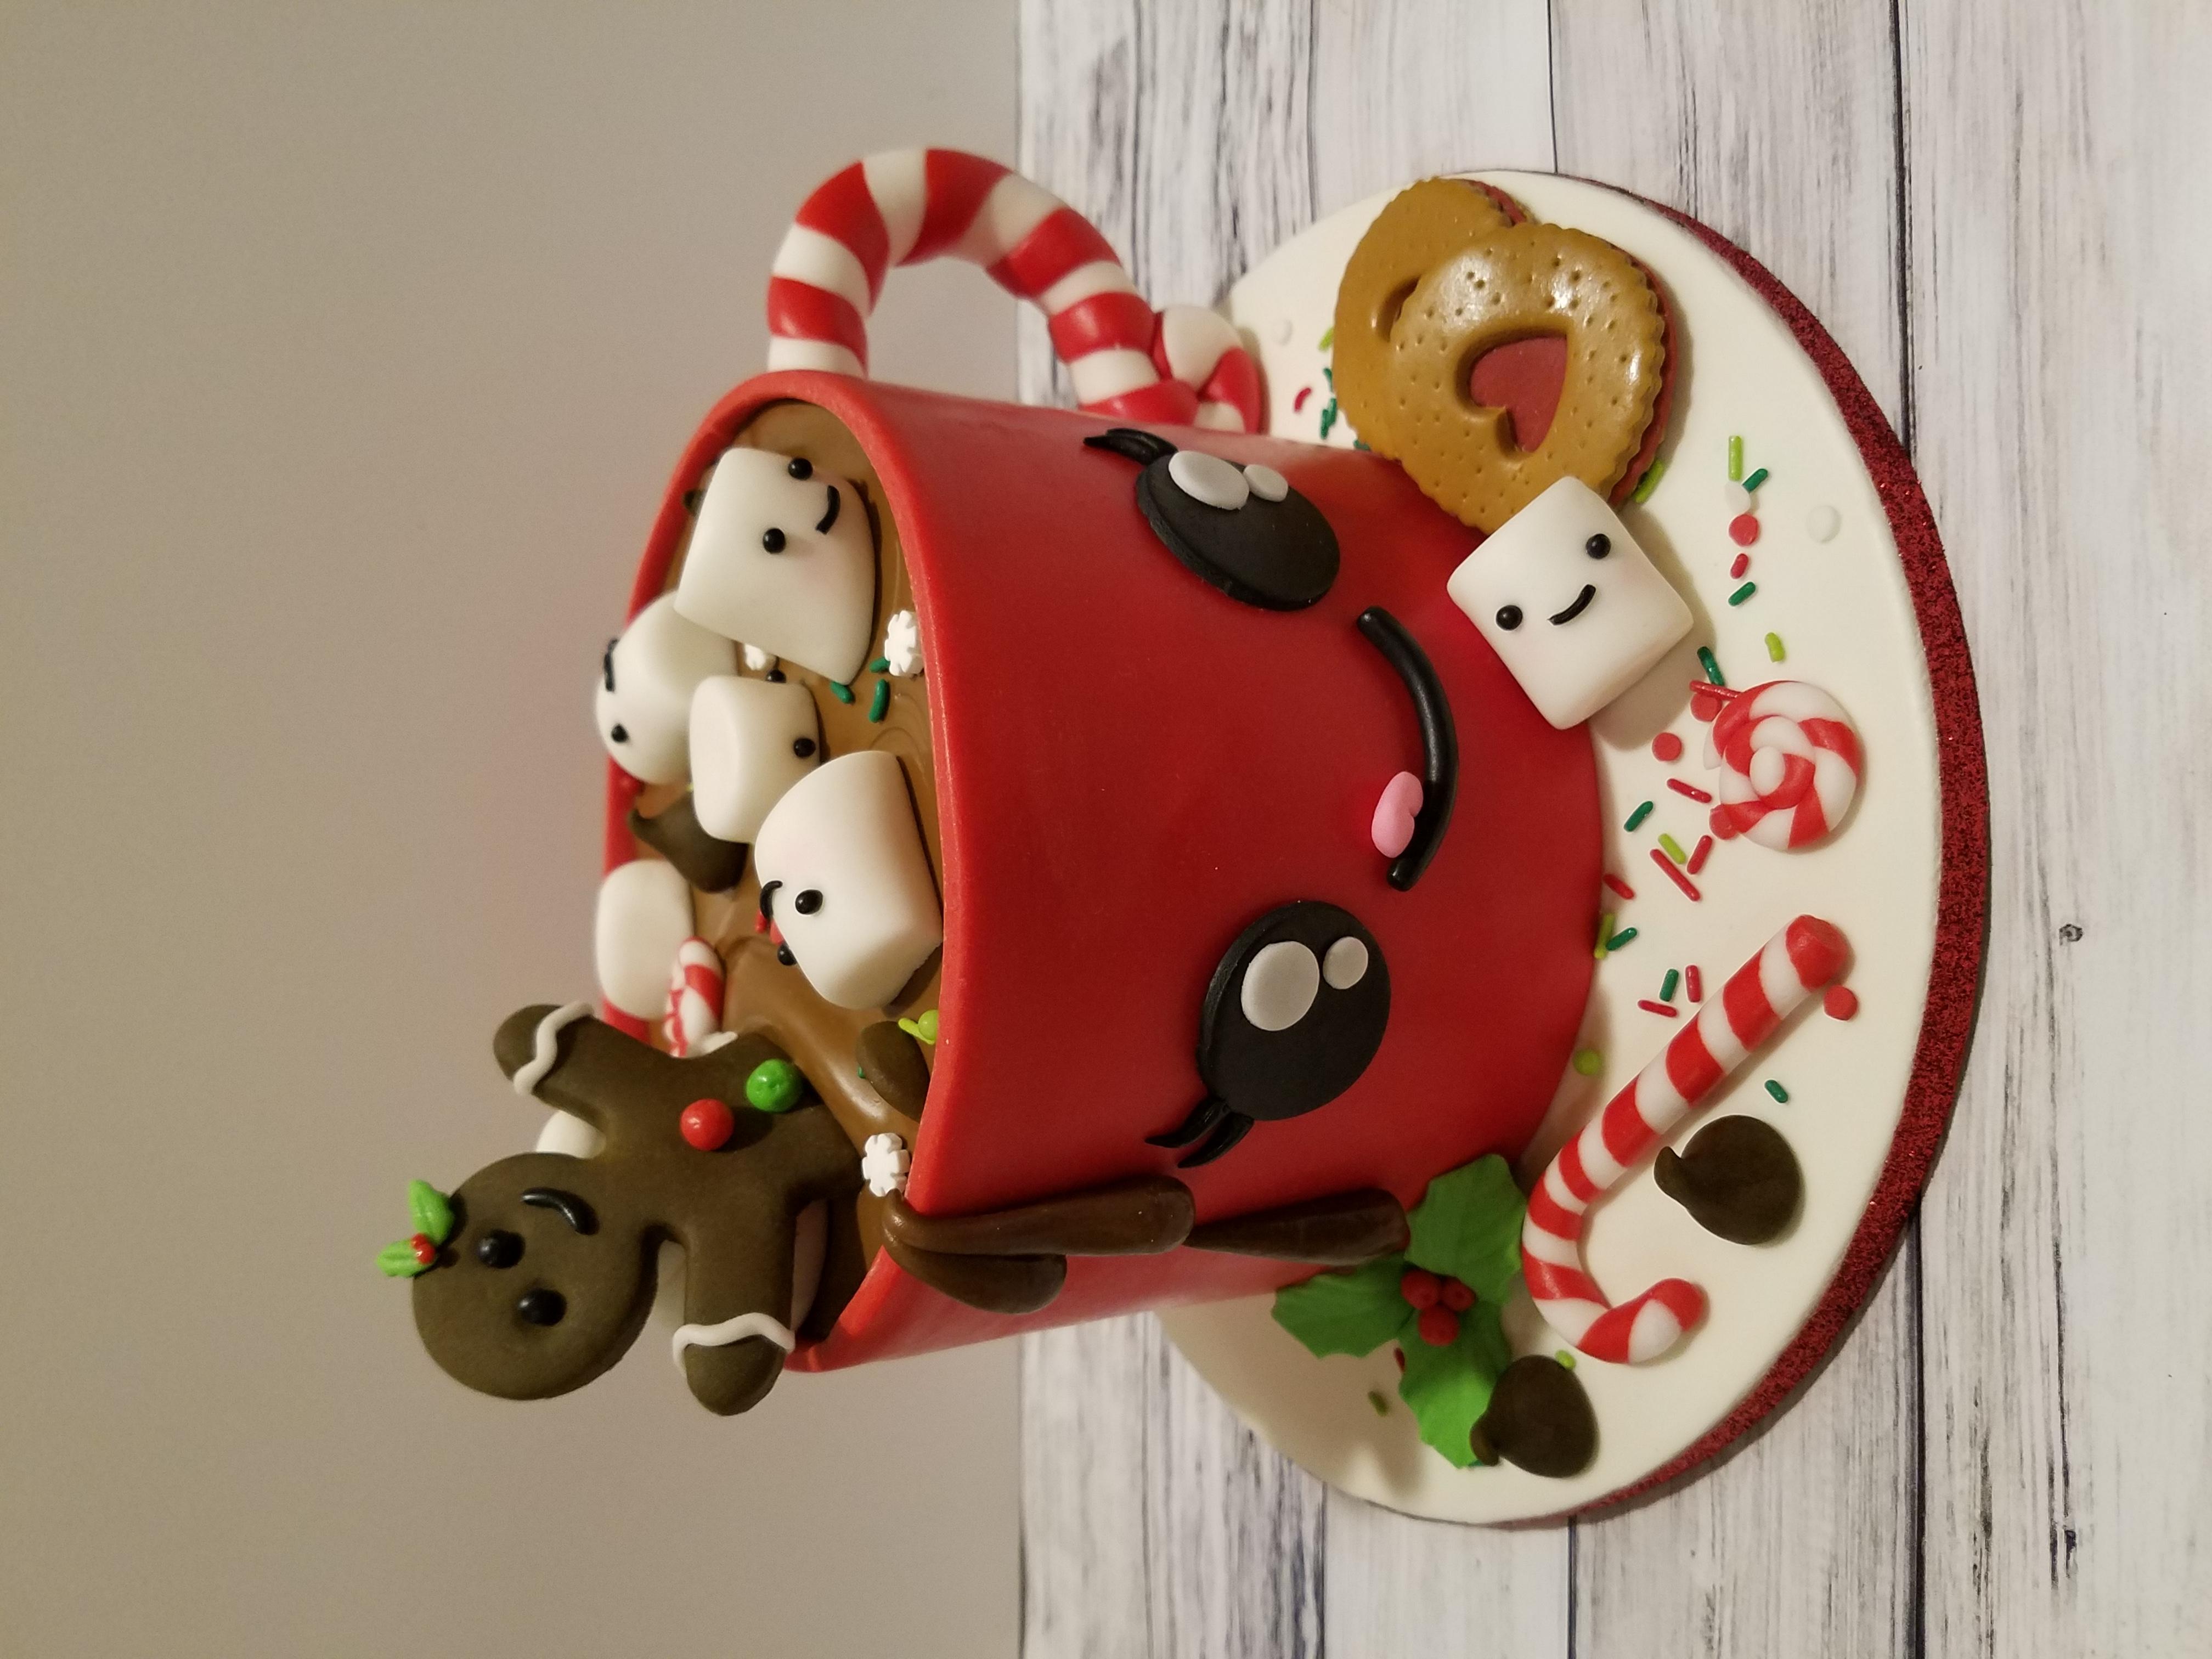 Cocoa mug cake